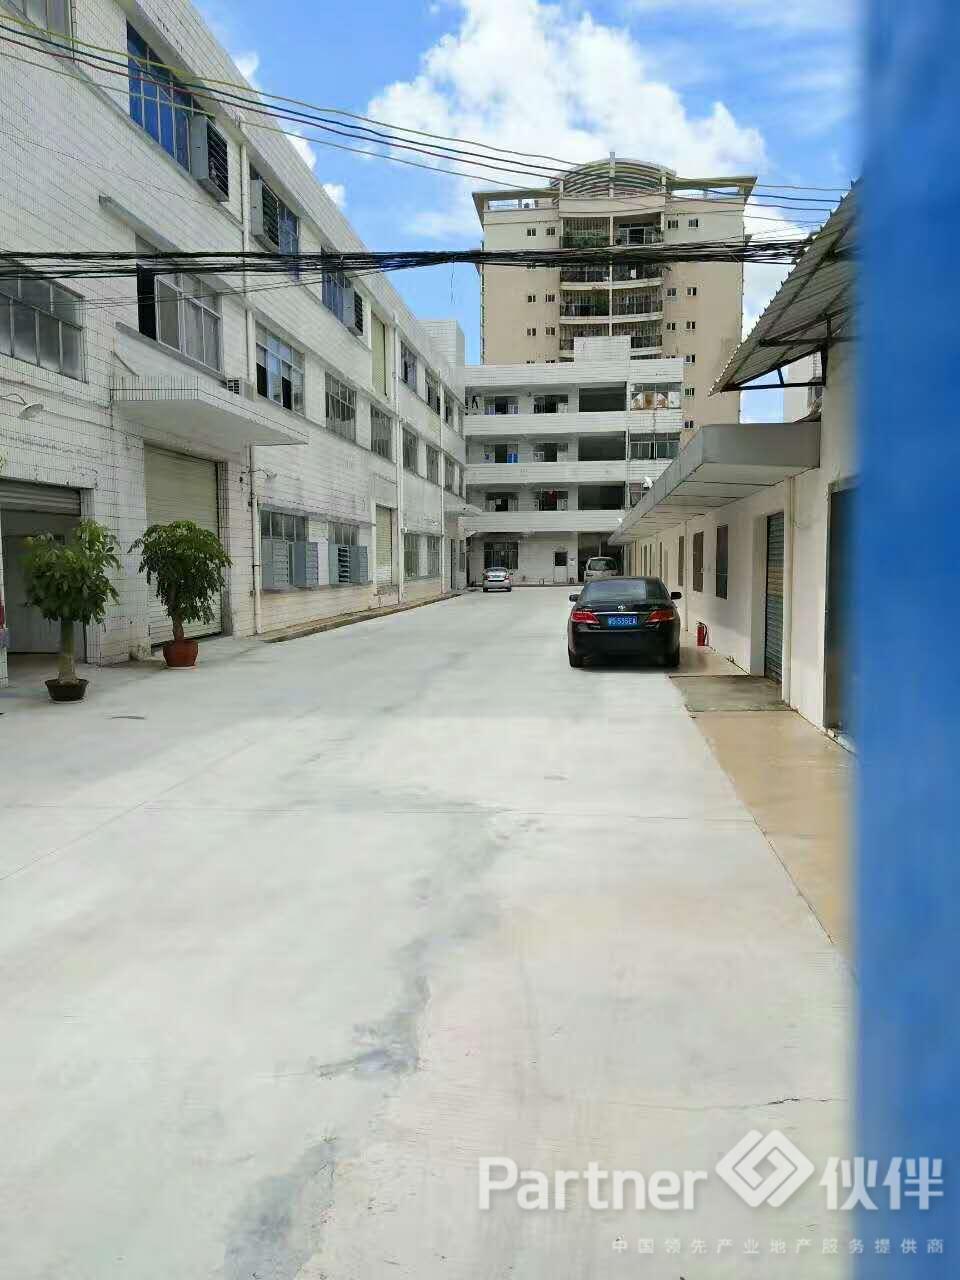 黄江镇建筑 1800 ㎡独院租地合同厂房出售